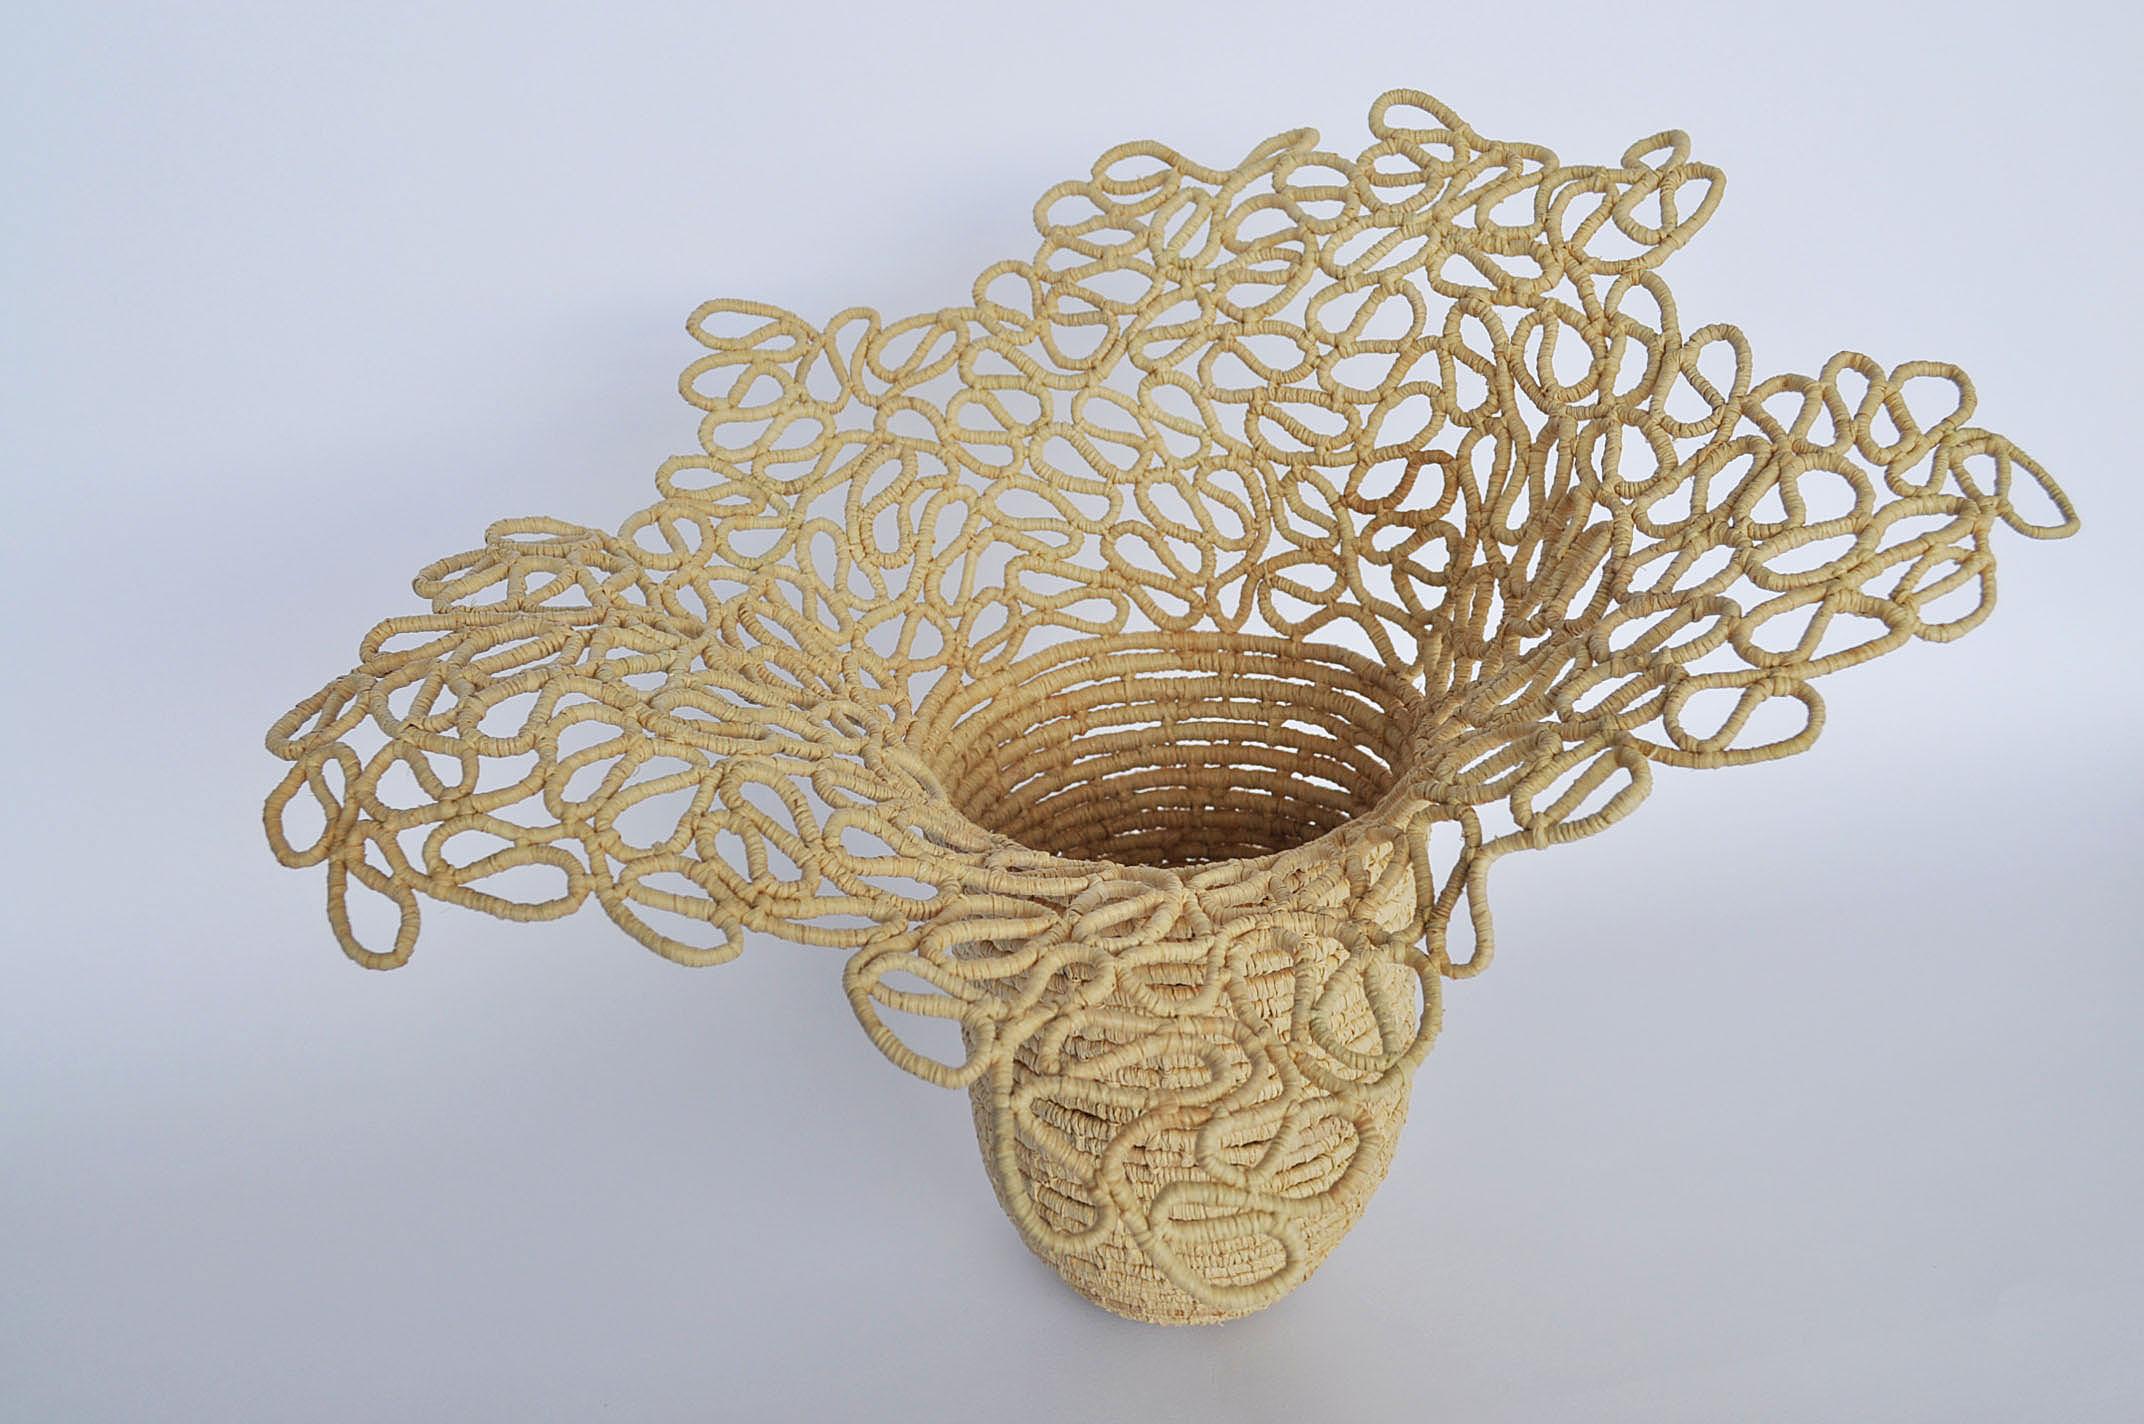 james-taylor-elizabeth-beauty of fractals02.jpg